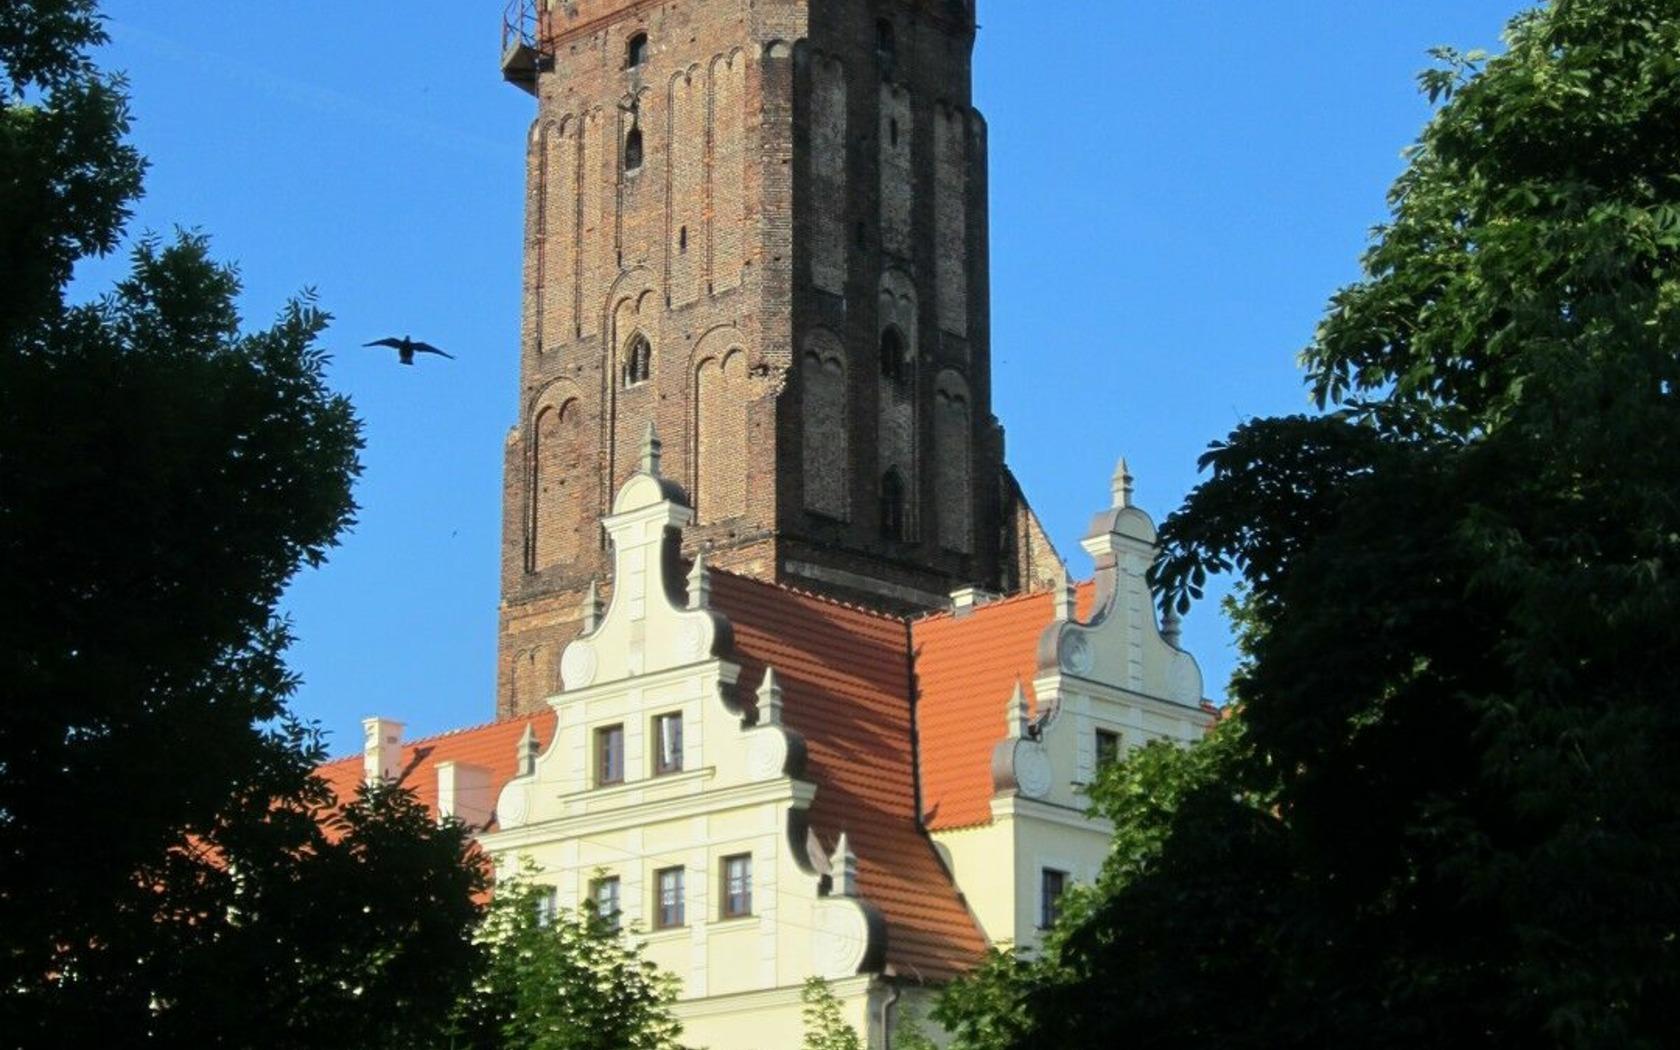 Stadt- und Hauptkirche Gubin, Foto: Marketing und Tourismus Guben e.V.